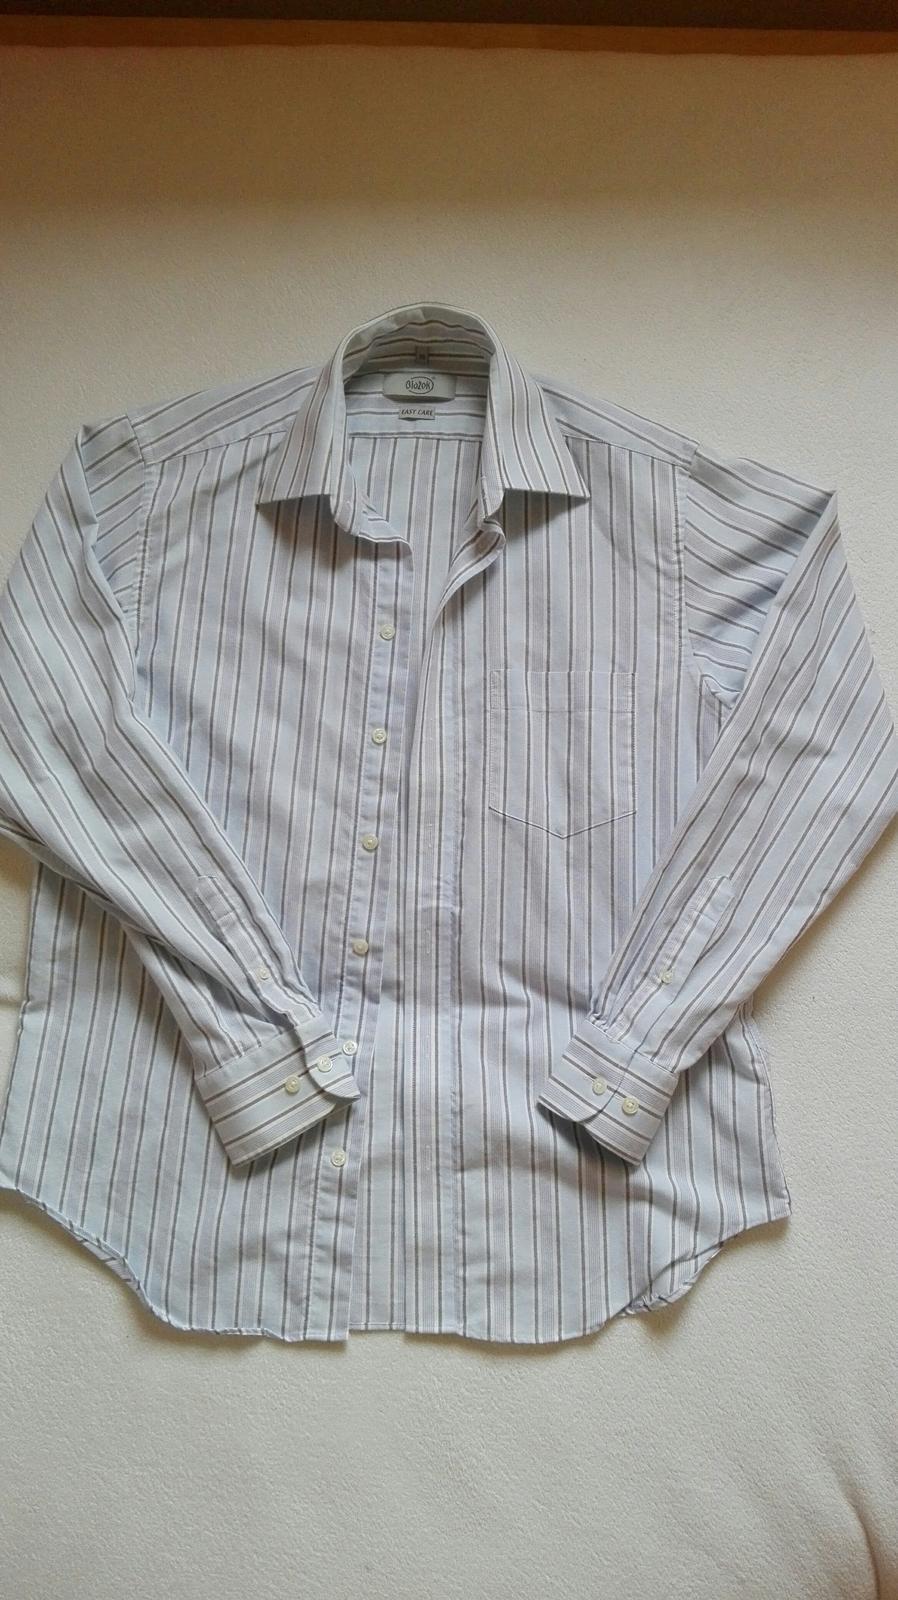 Panska košile zn. blažek d276791a37